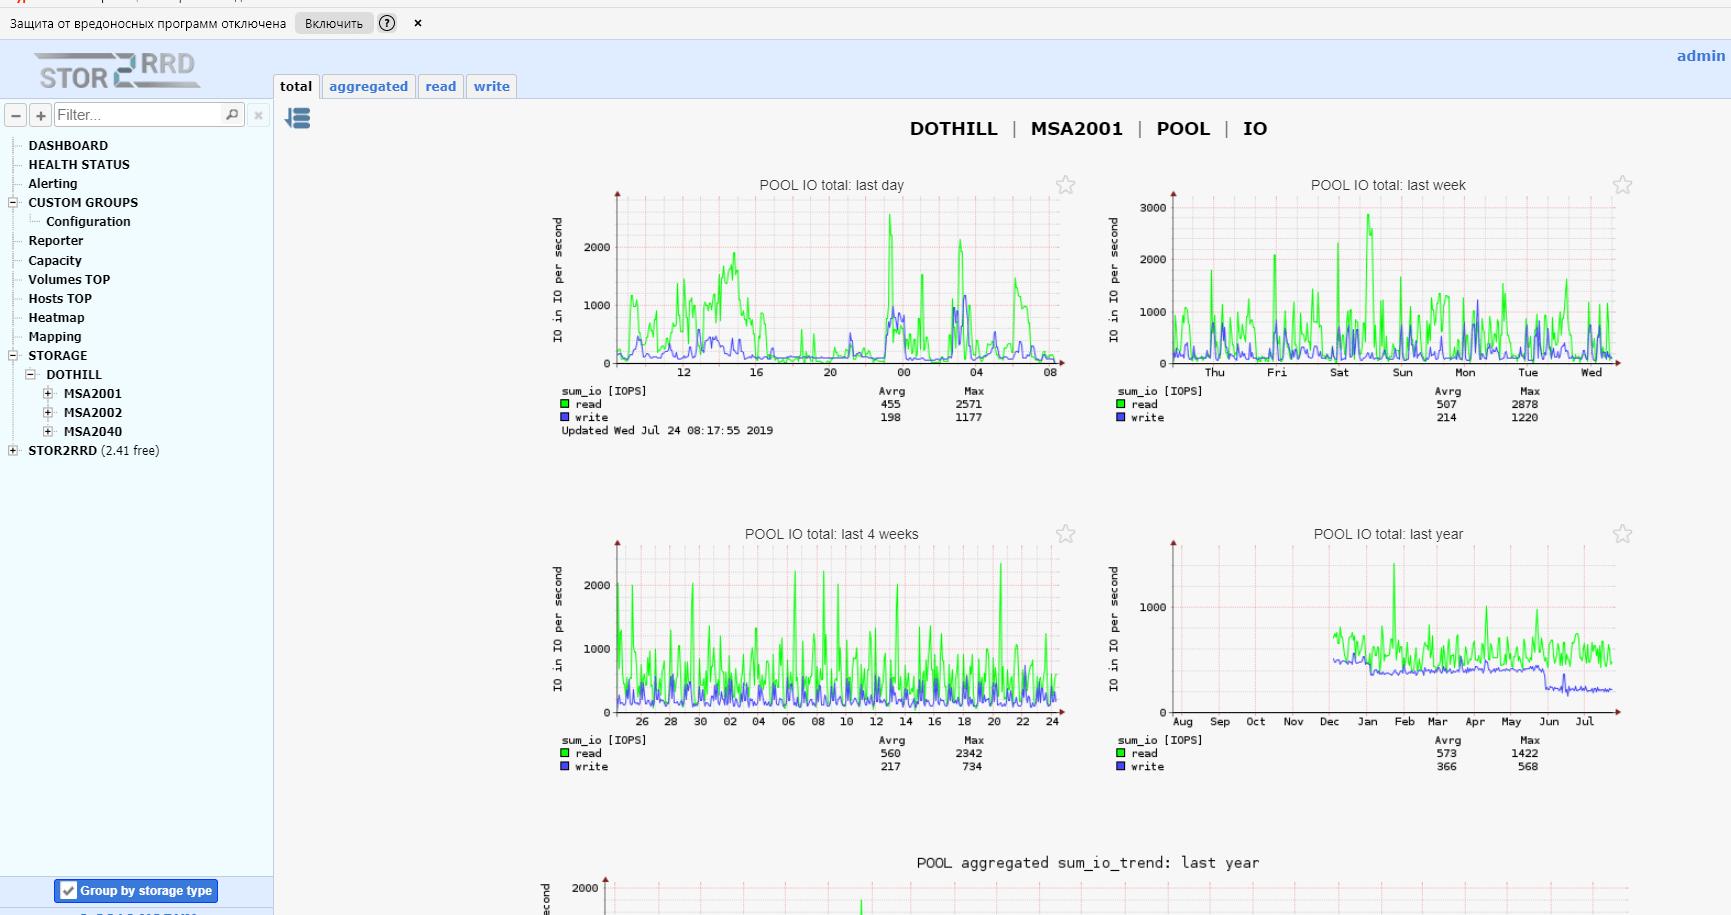 Мониторинг msa p2000 и msa 2040 с помощью Stor2rrd